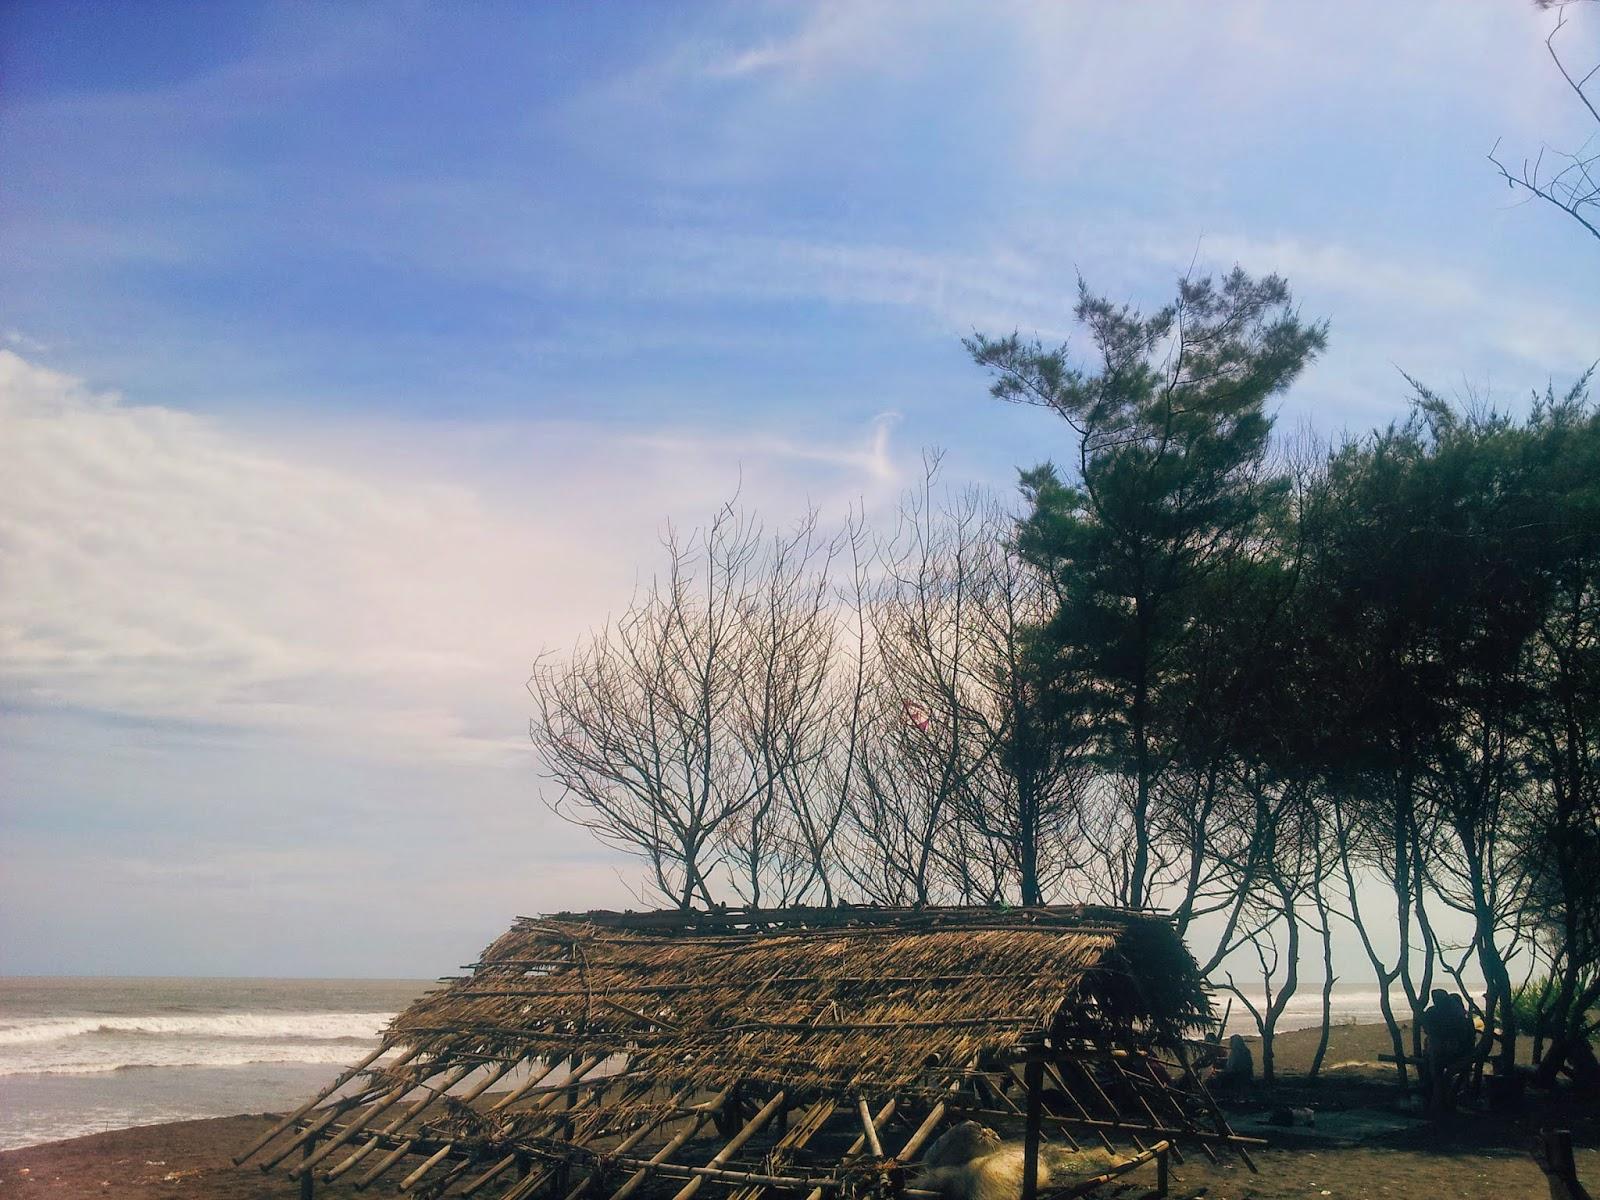 Pantai Baru in Bantul Jogja